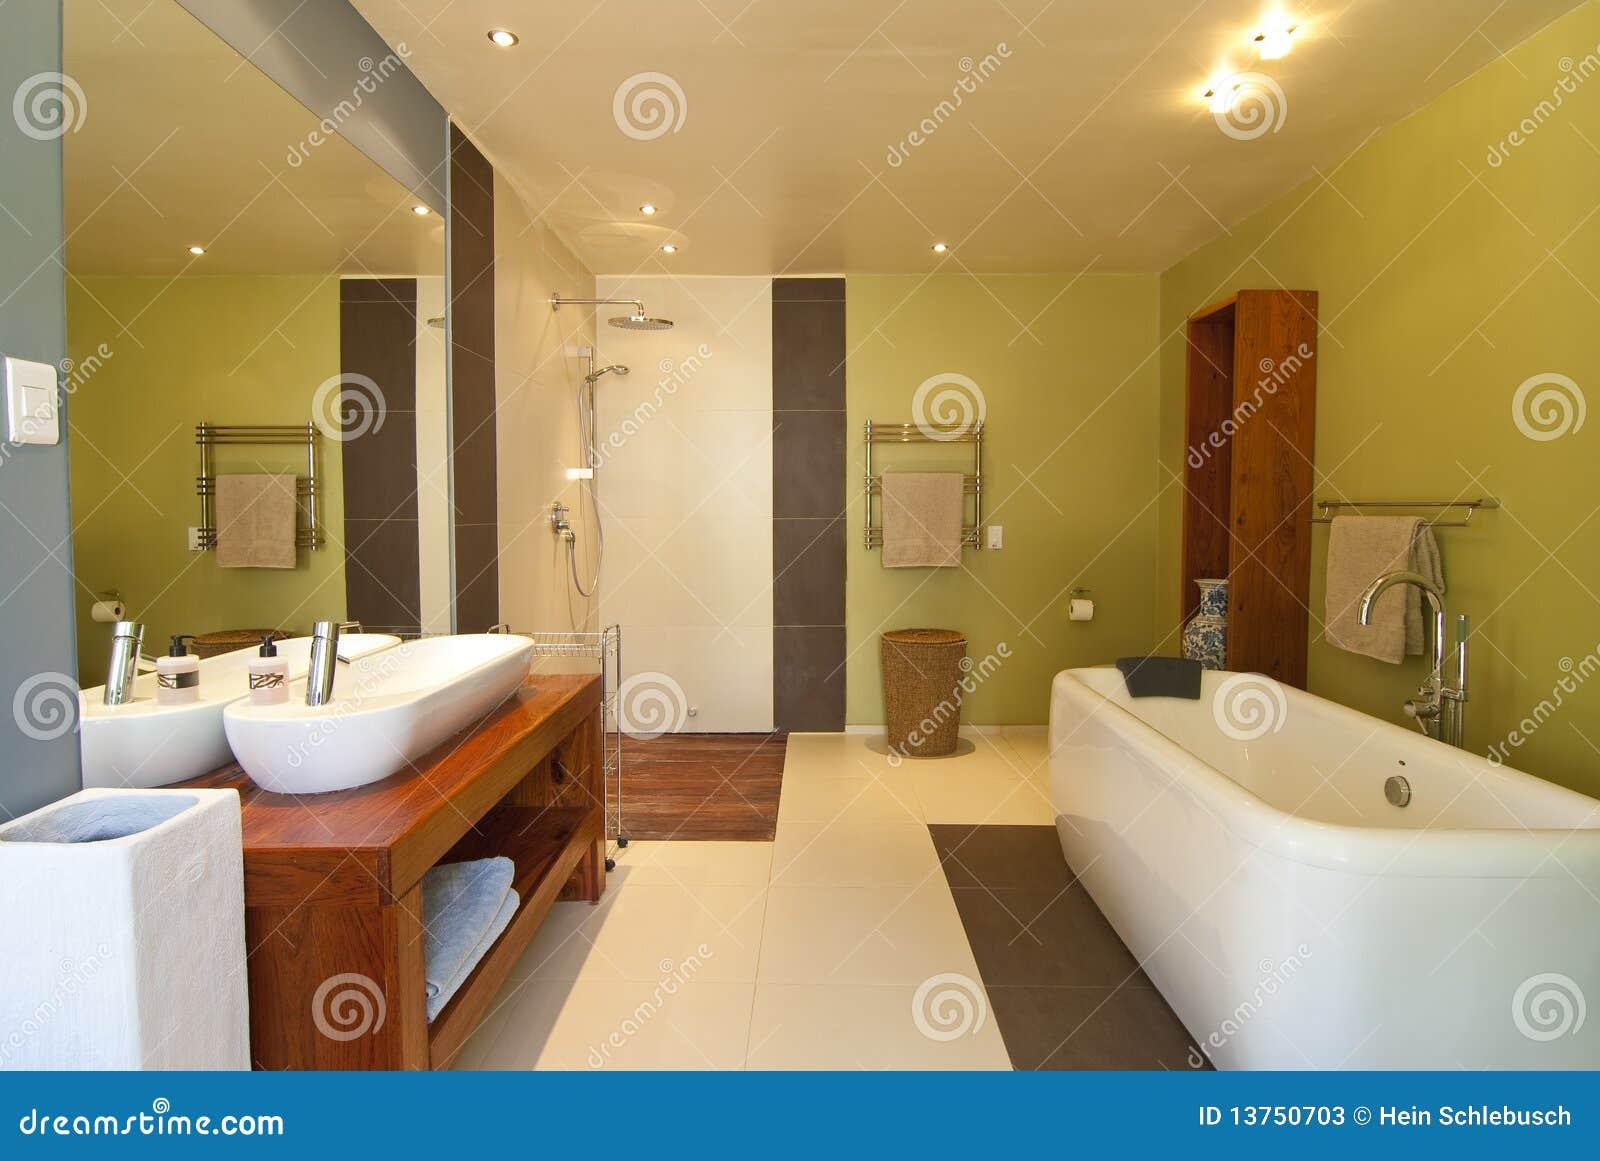 Moderne badkamers stock foto 39 s beeld 13750703 - Foto in een bad ...